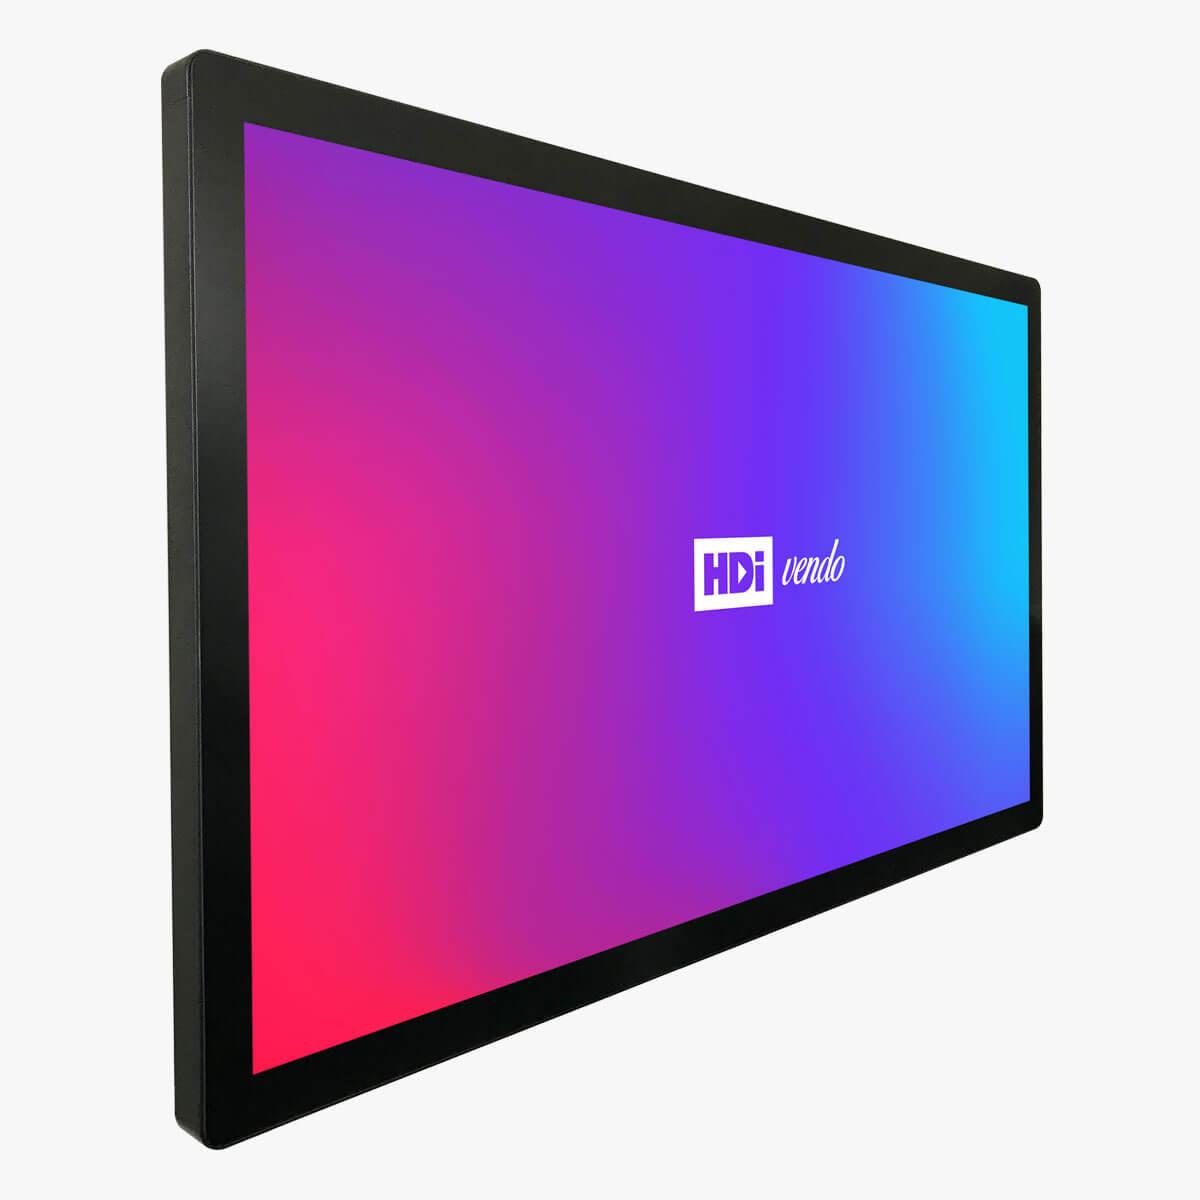 Hdi Home Design Ideas: HDi Vendo Displays